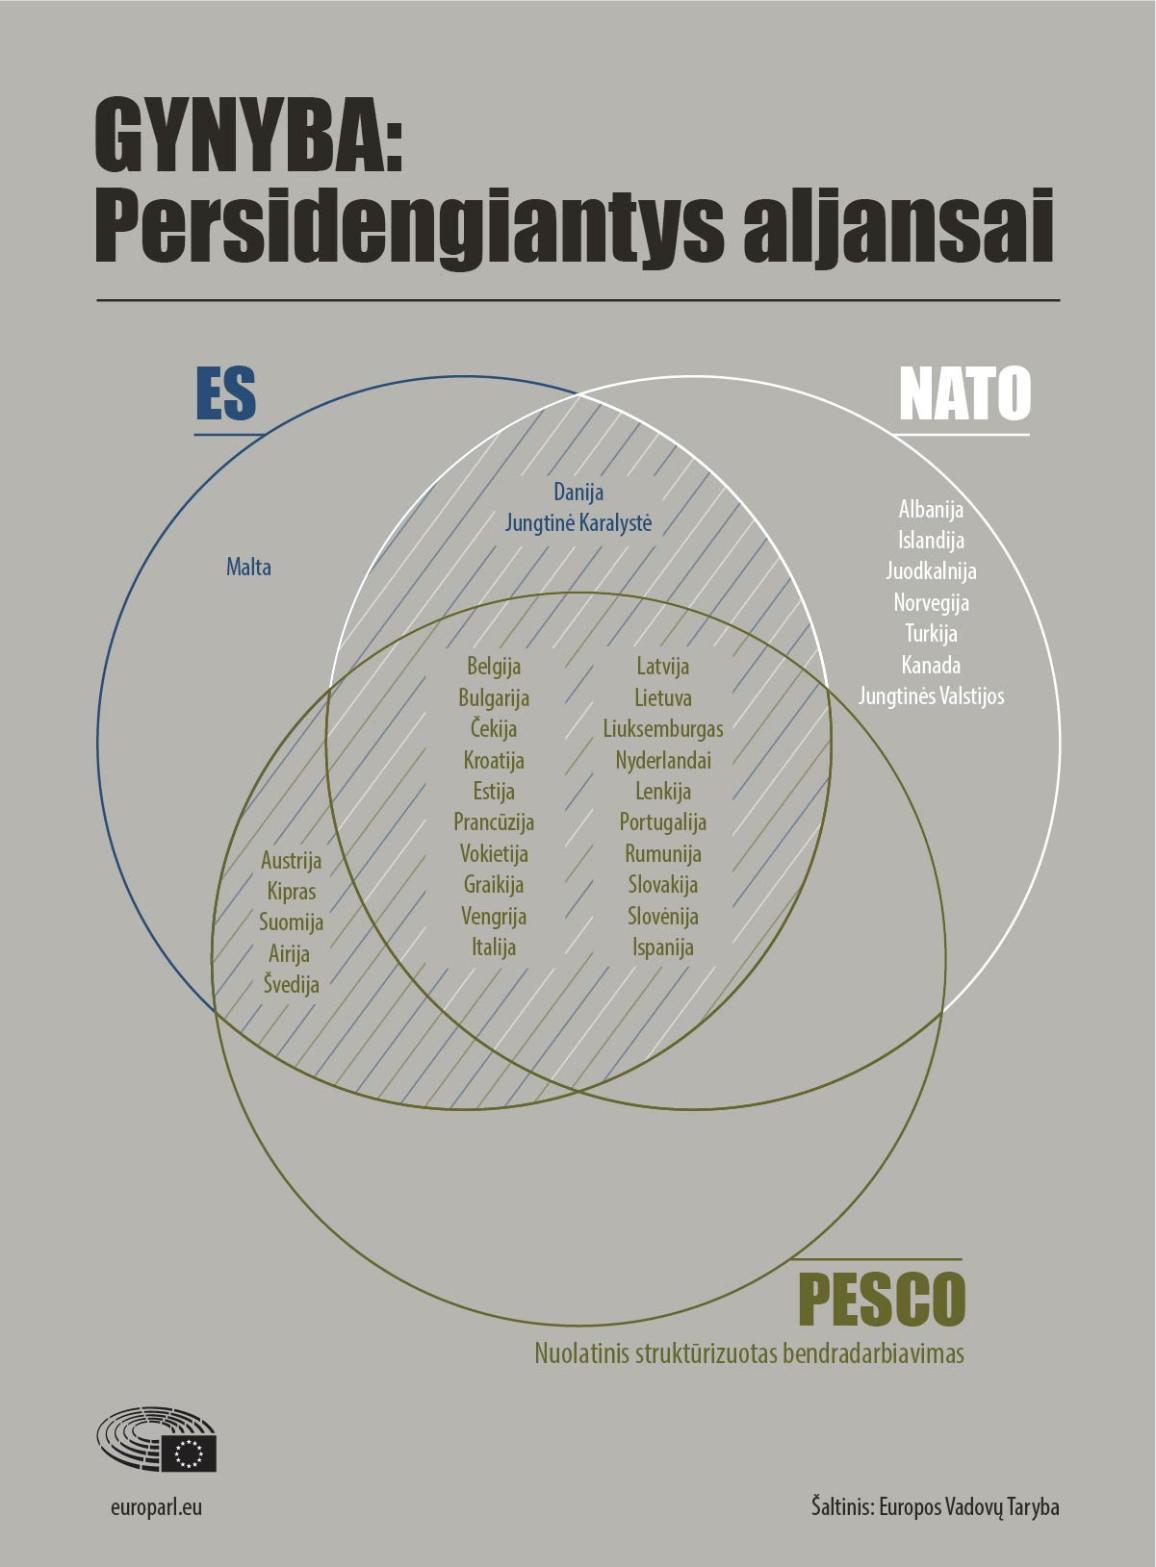 Infografikas apie šalių priklausomybę NATO, ES ir nuolatiniam struktūrizuotam bendradarbiavimui